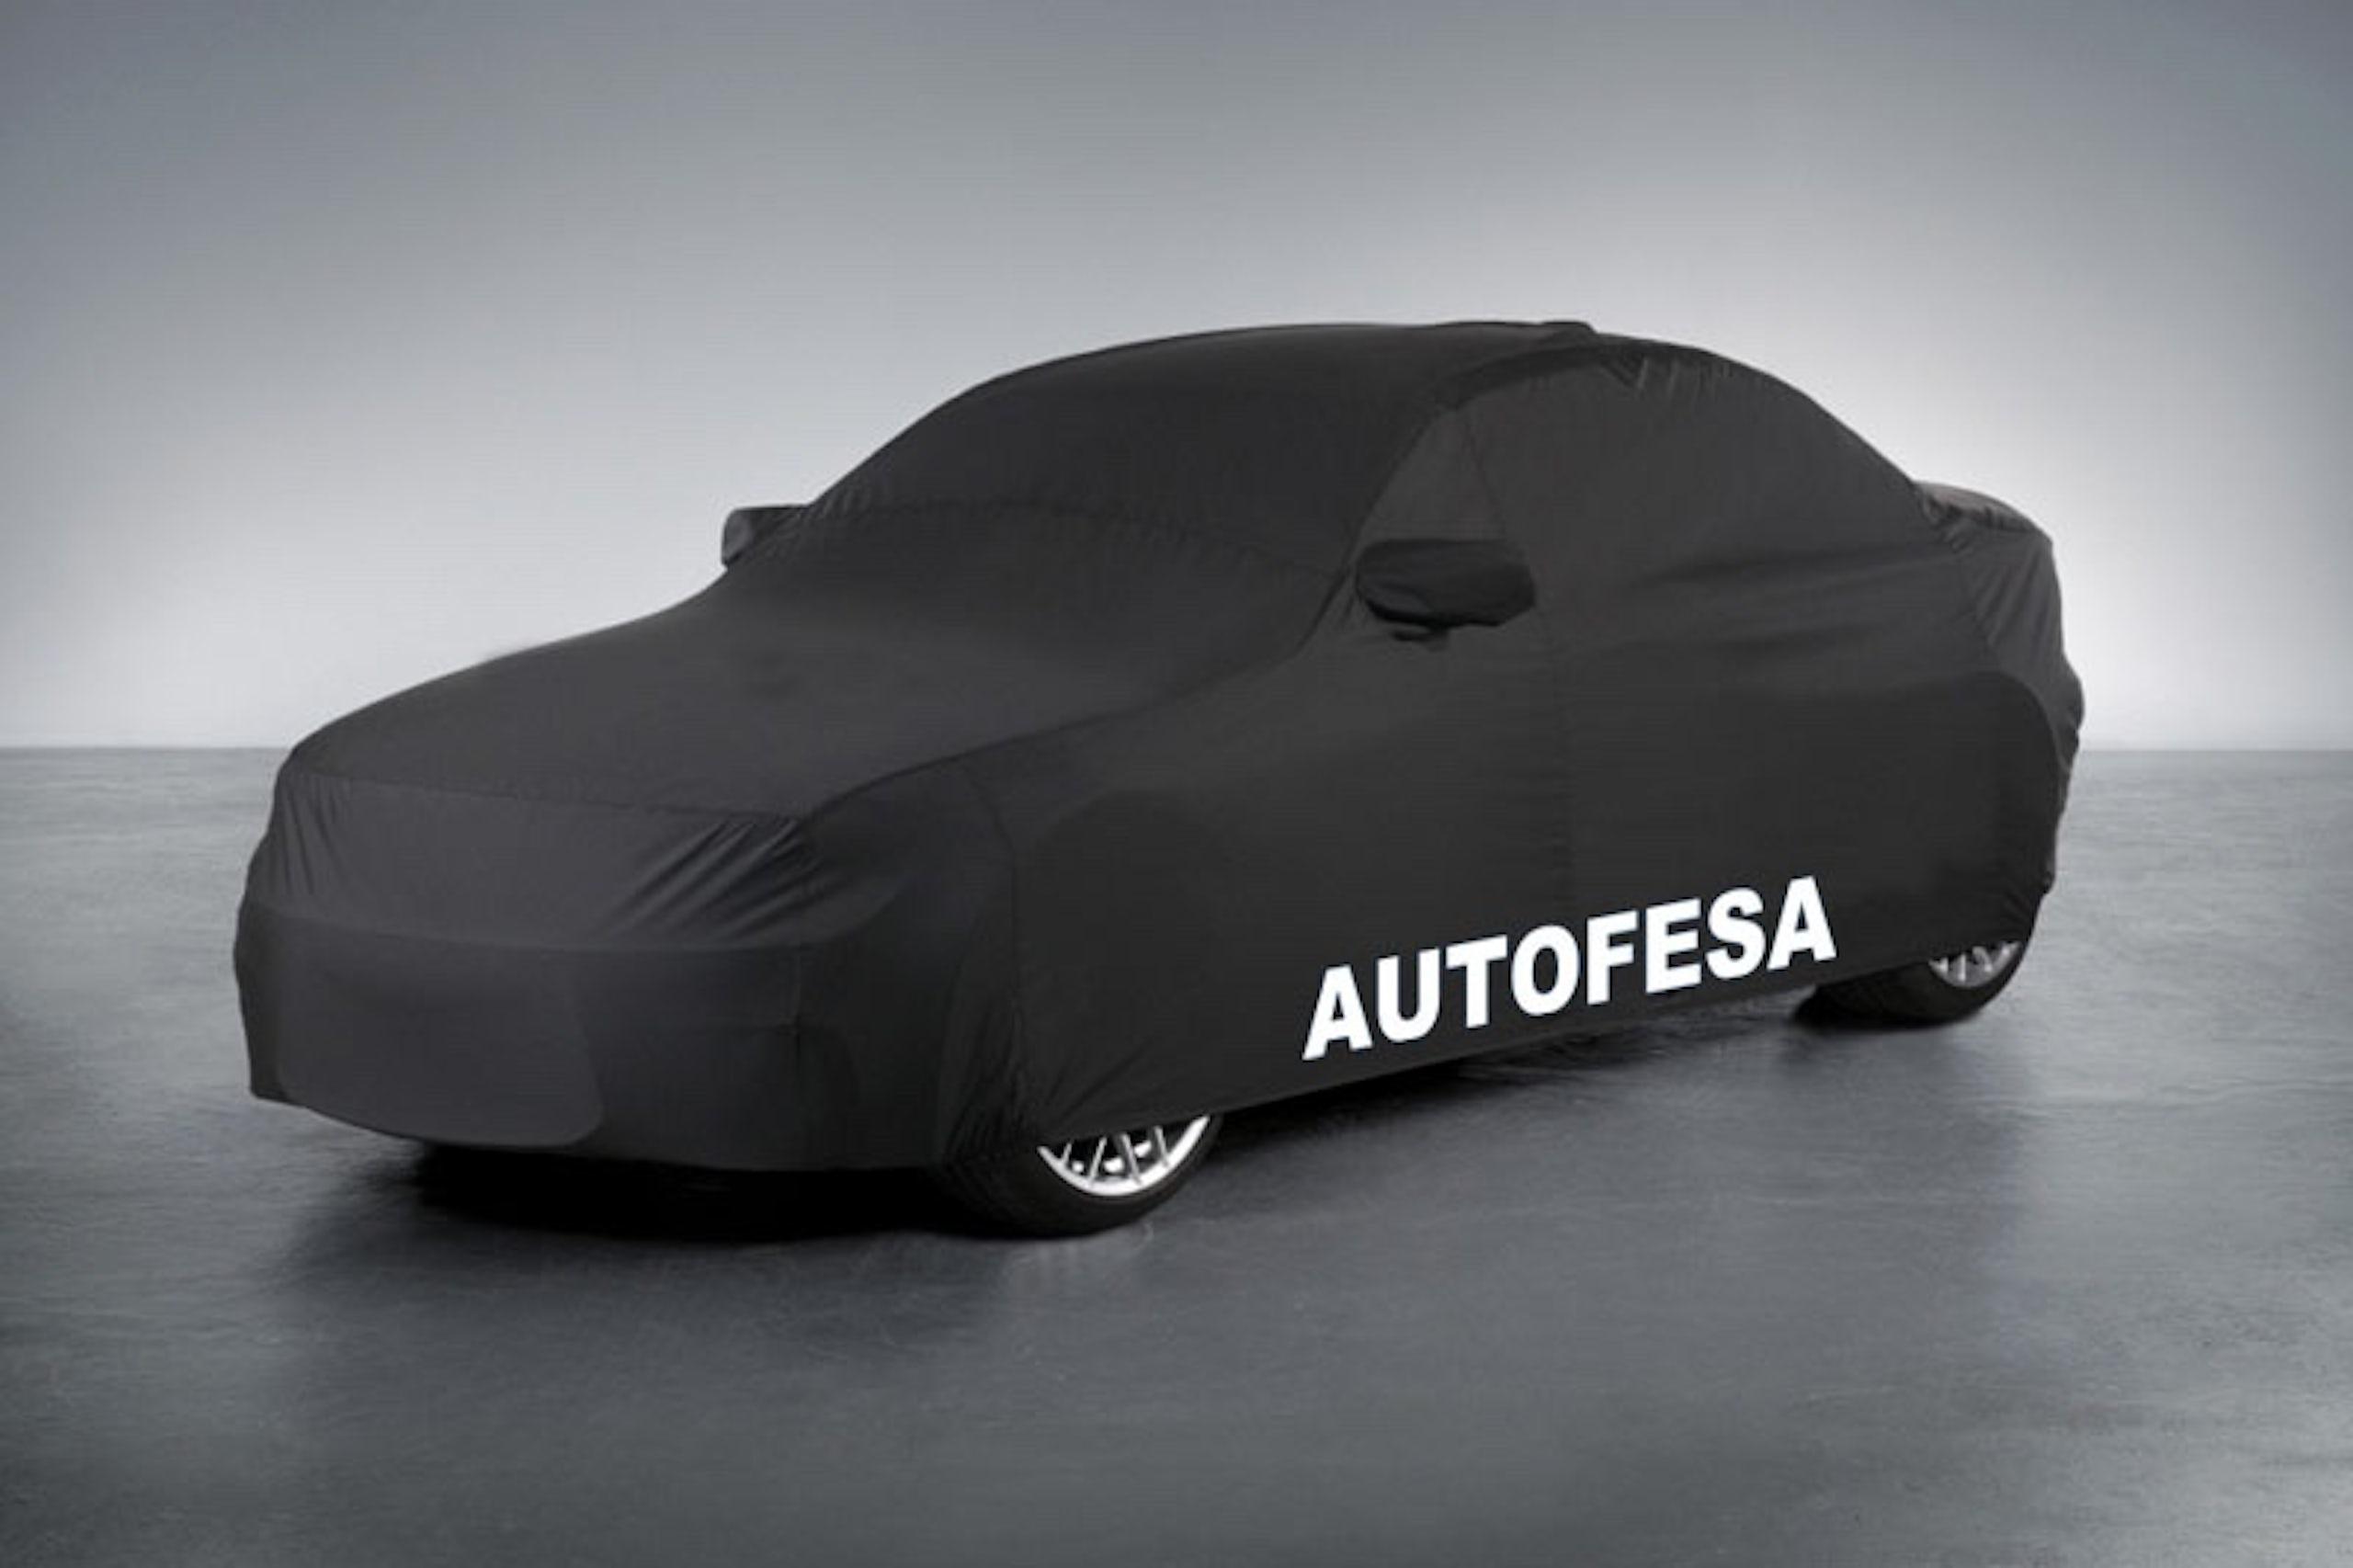 Audi Tts S Coupé 2.0 TFSI 245cv quattro S Line 3p S tronic Auto S/S - Foto 1